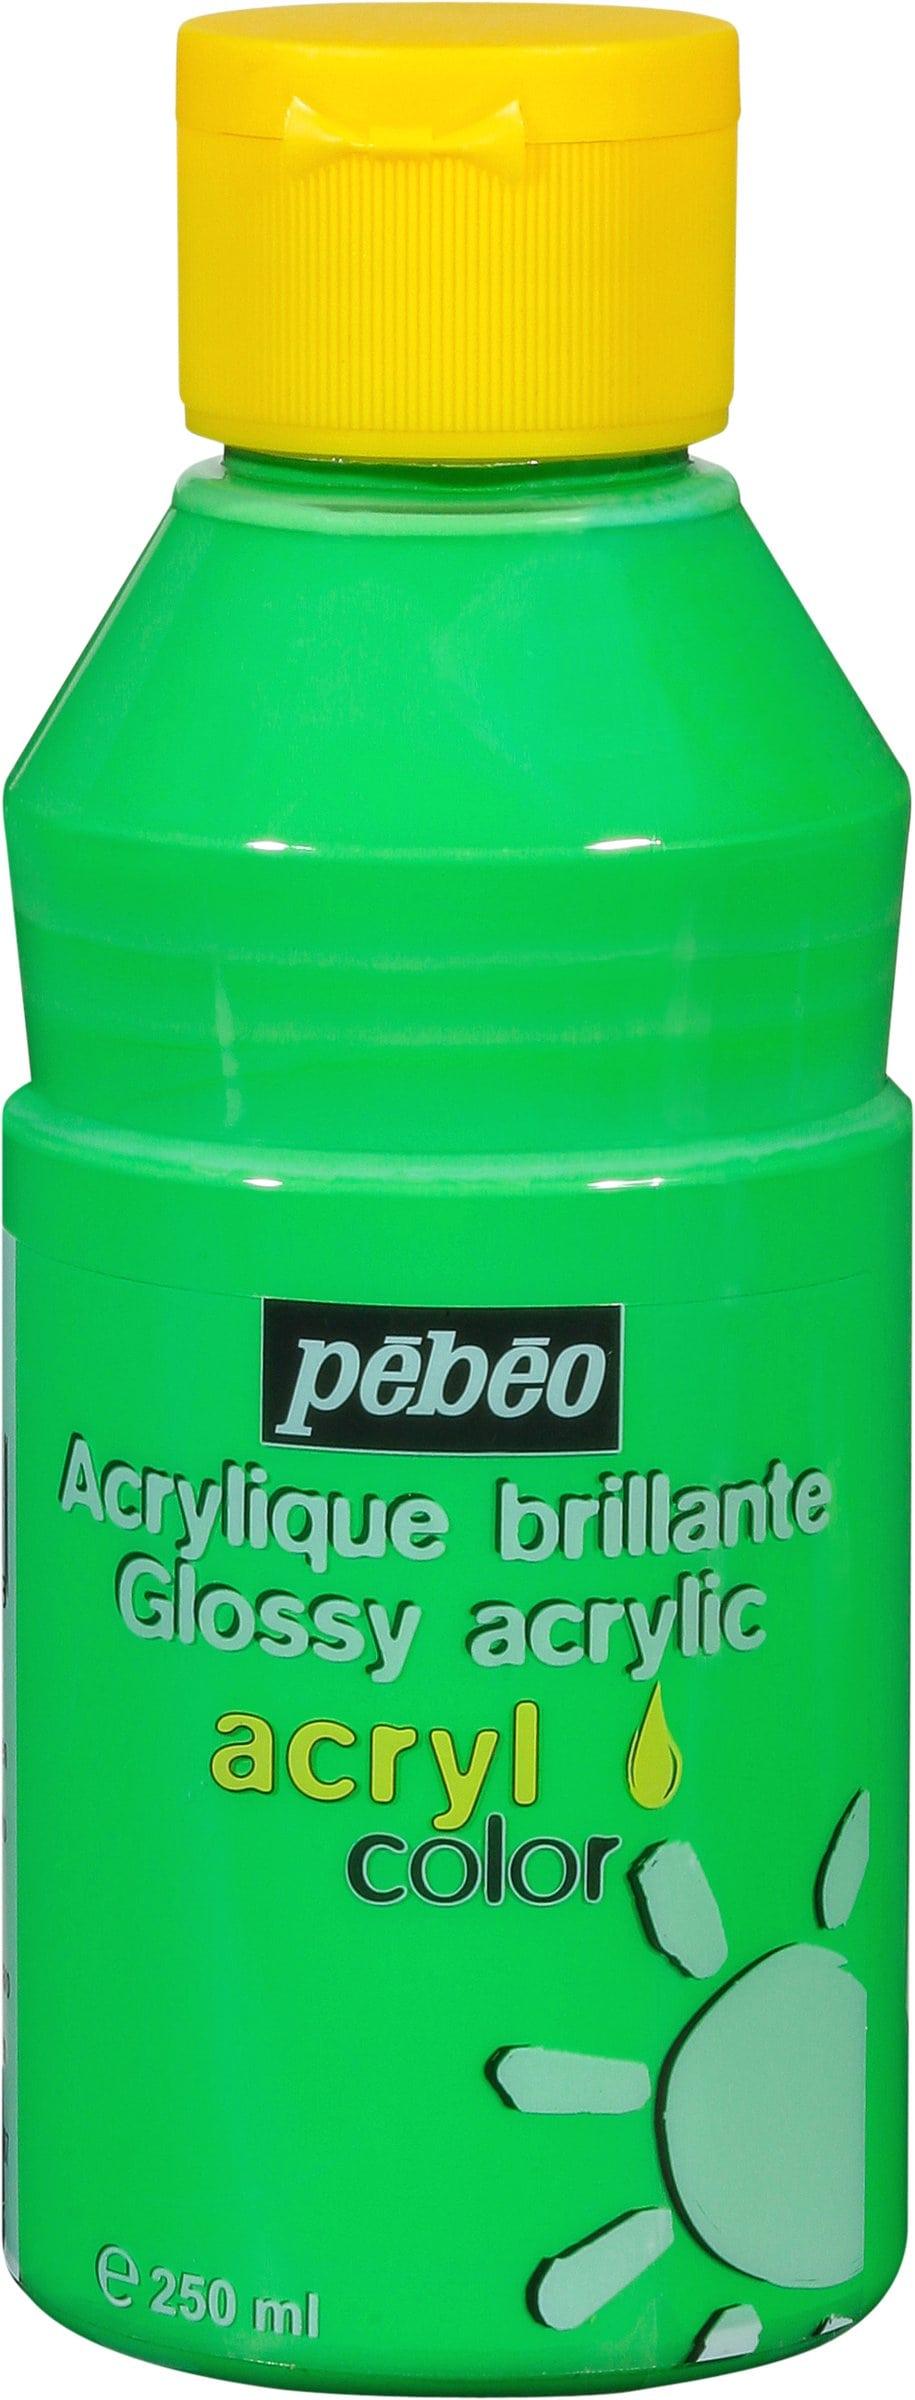 Pebeo Pébéo Acrylcolor